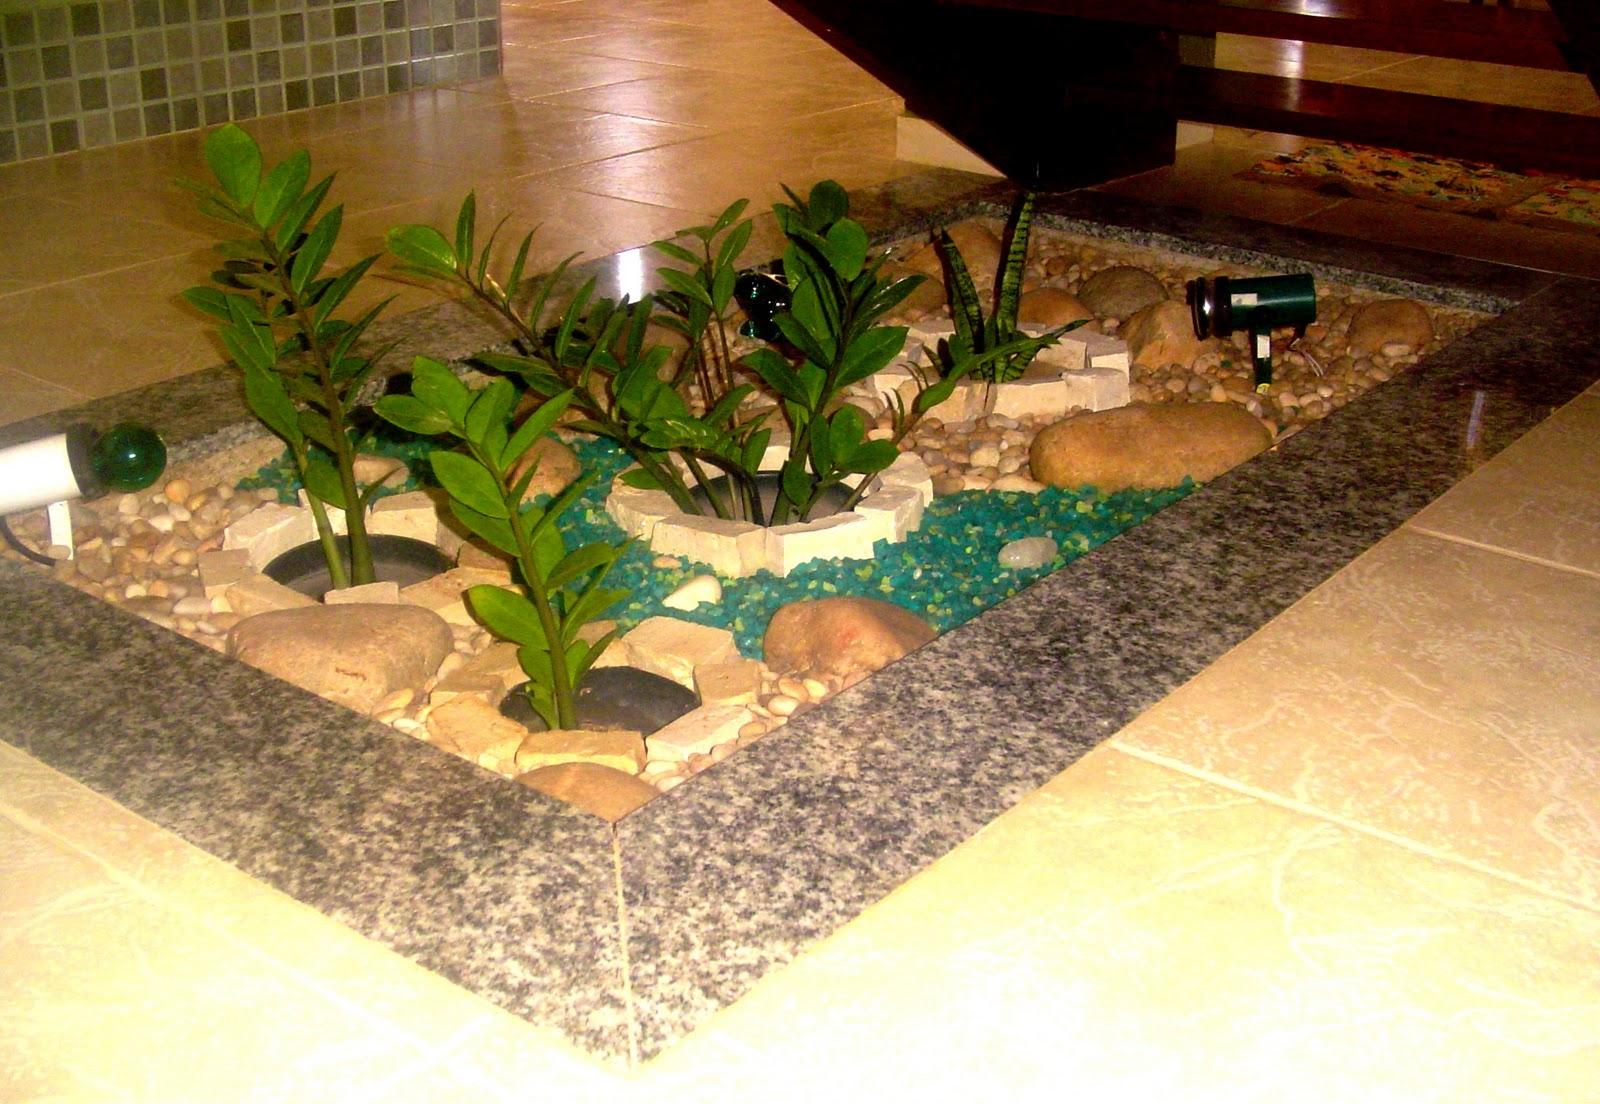 jardim sob escada interna:Jardim de inverno em baixo da escada.? #BEB00D 1600 1104